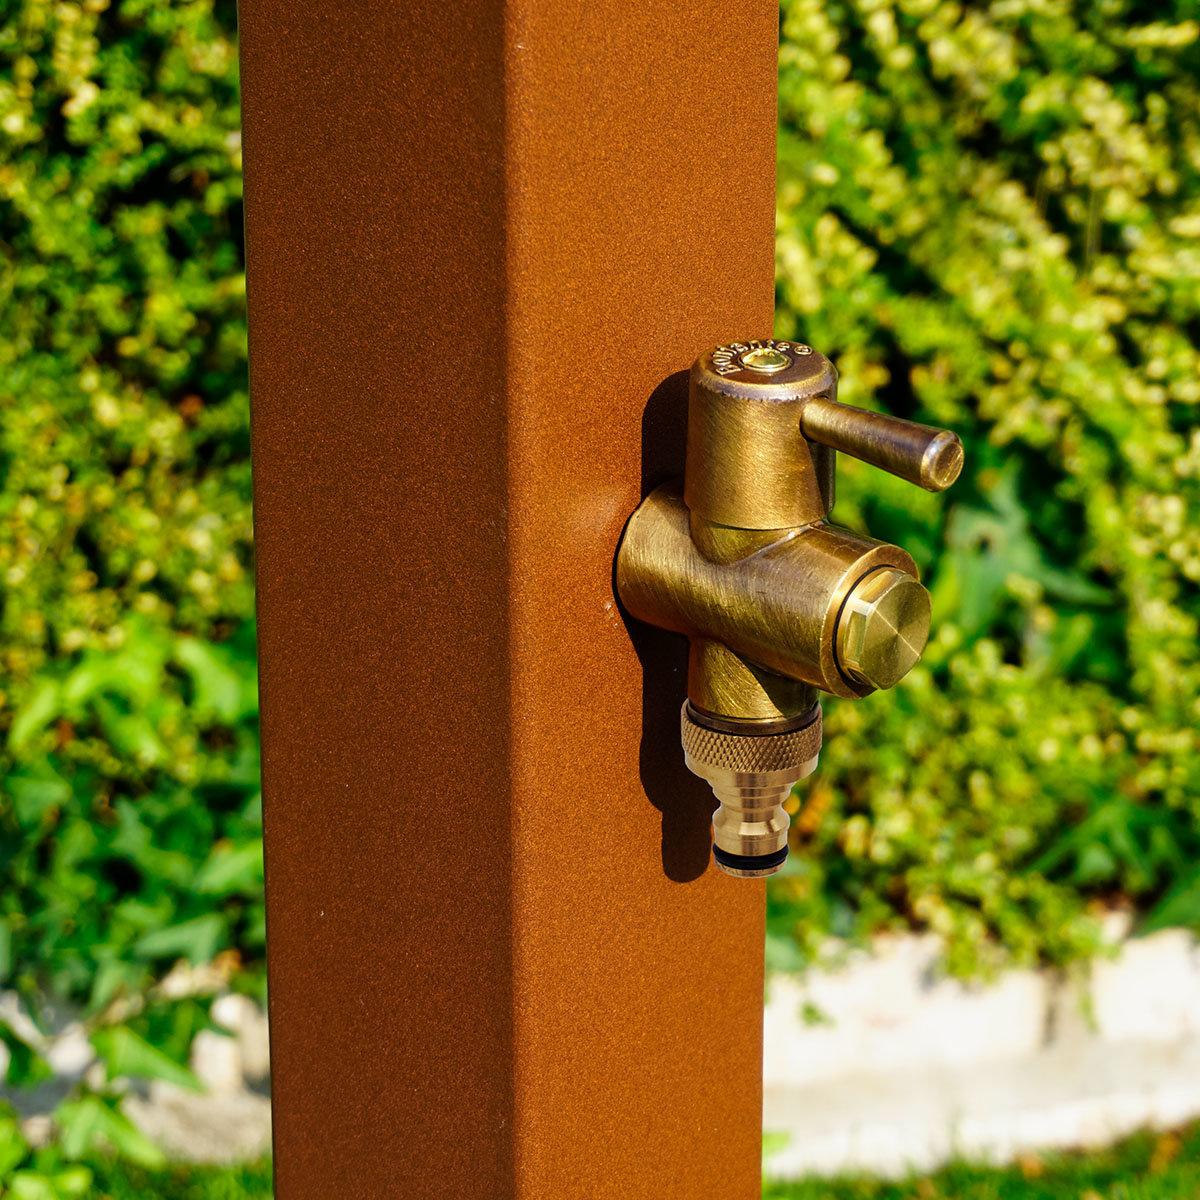 Wasserzapfsäule Quadra, 100x14x21 cm, Stahl, braun   #4